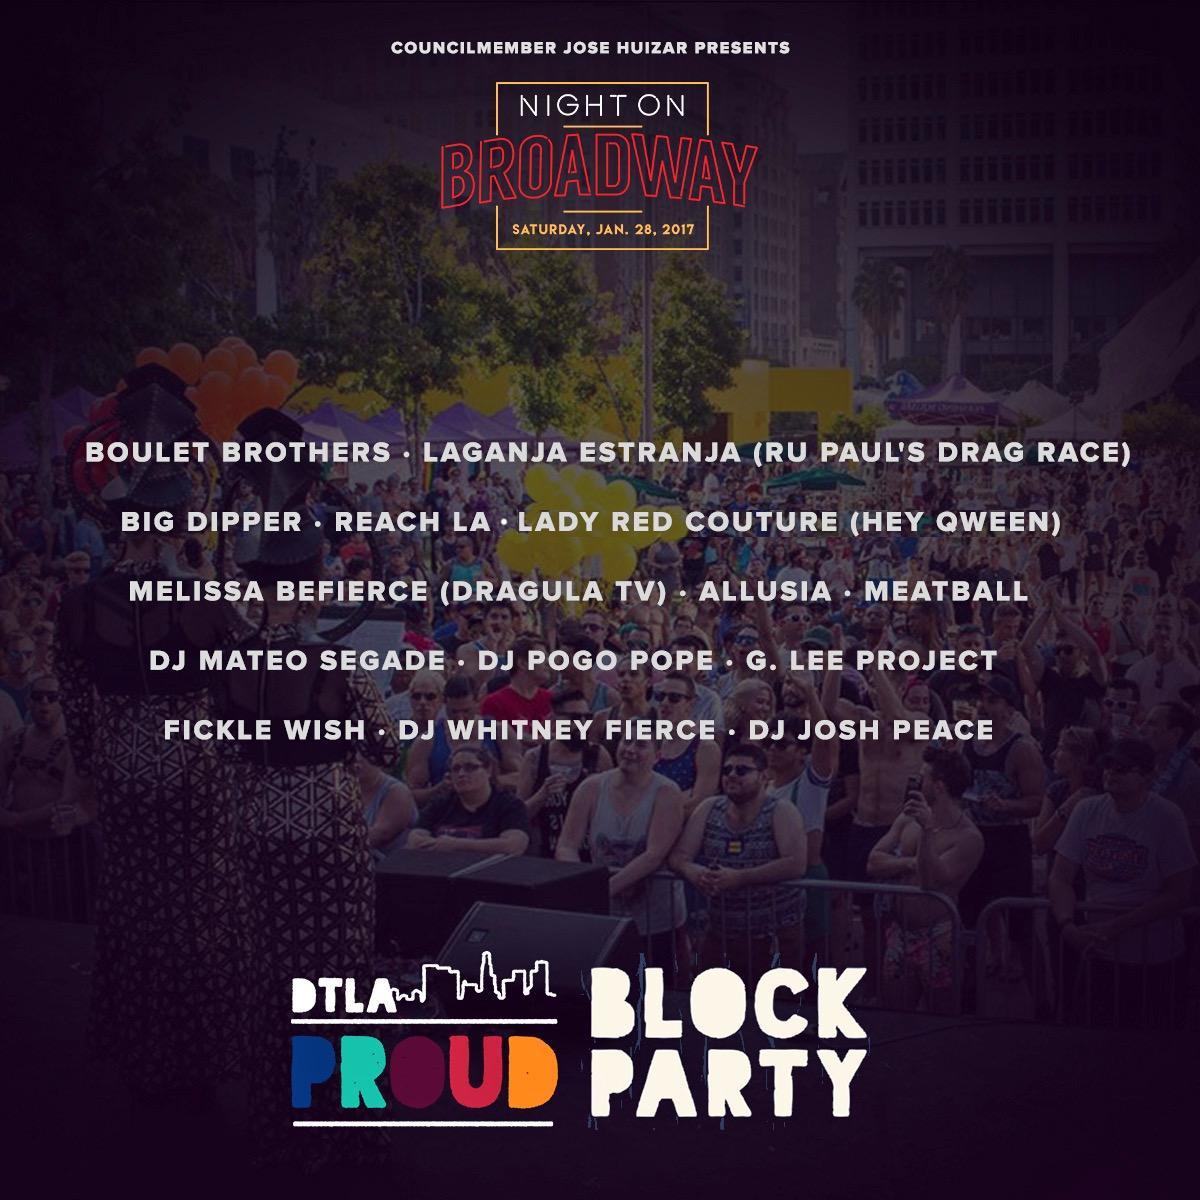 DTLA Proud Block Party Lineup and Volunteer Opportunities